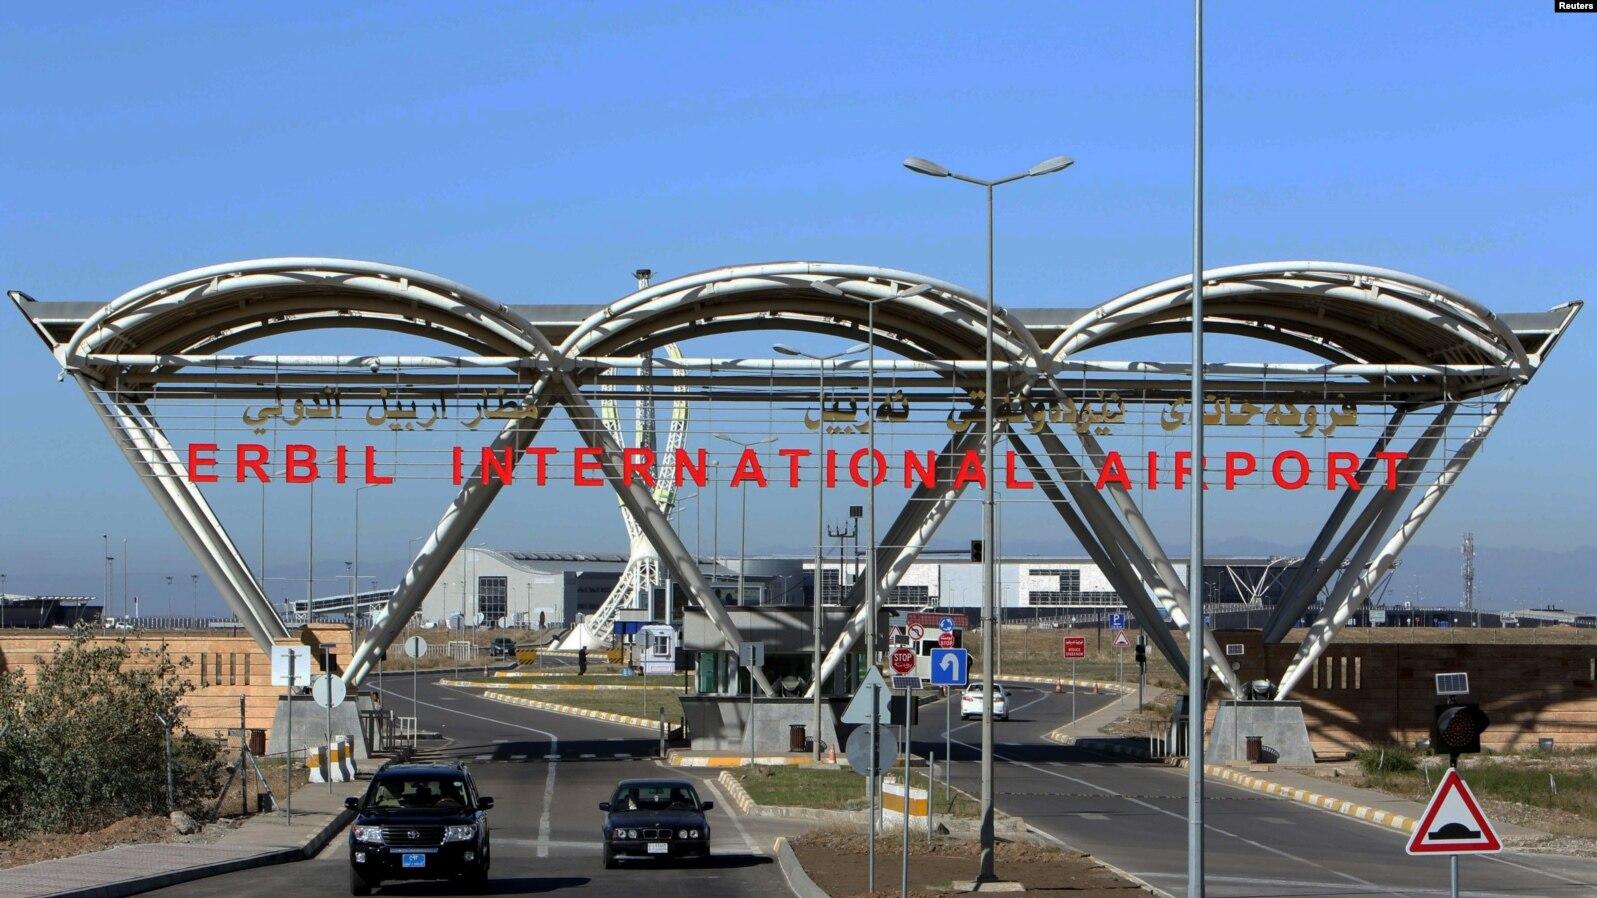 حملات راکتی به اطراف فرودگاه اربیل و پایگاه نیروهای آمریکایی